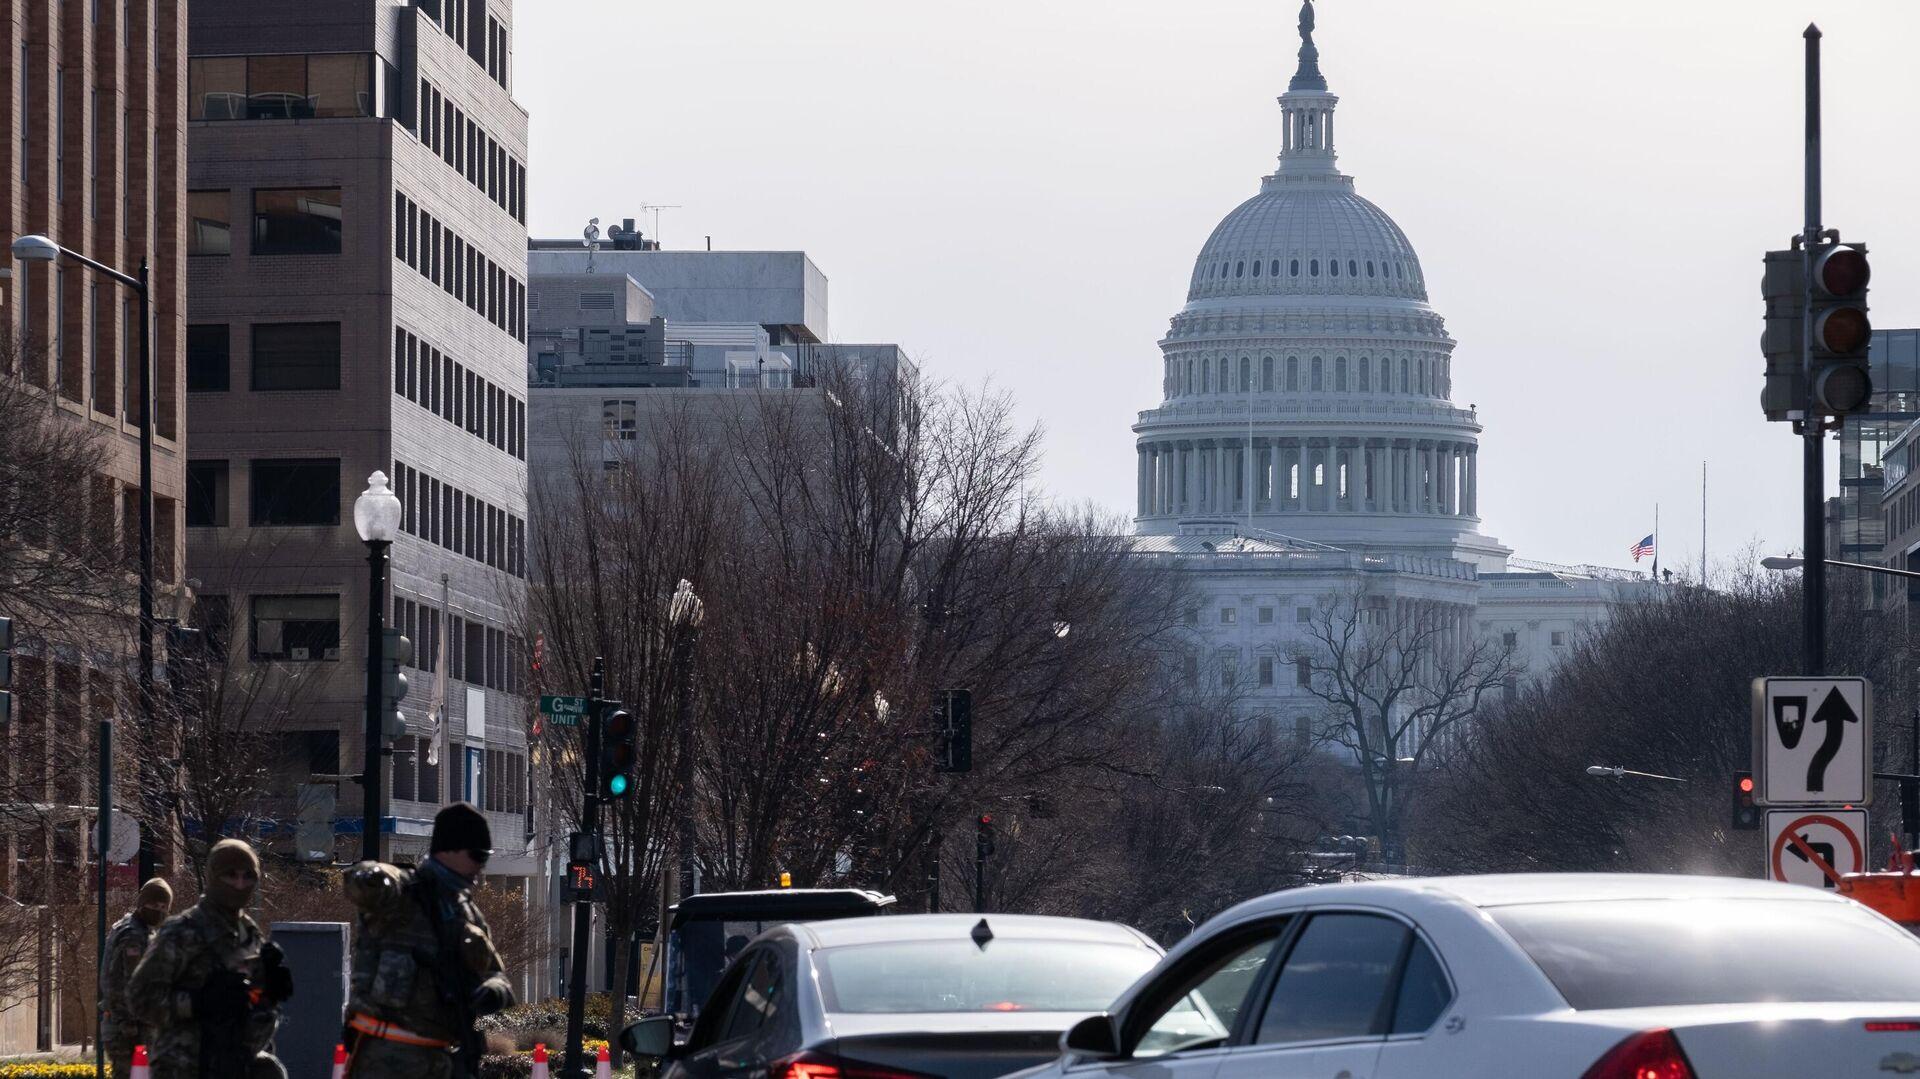 Контрольно-пропускной пункт полиции неподалеку от здания Капитолия в Вашингтоне - РИА Новости, 1920, 17.01.2021